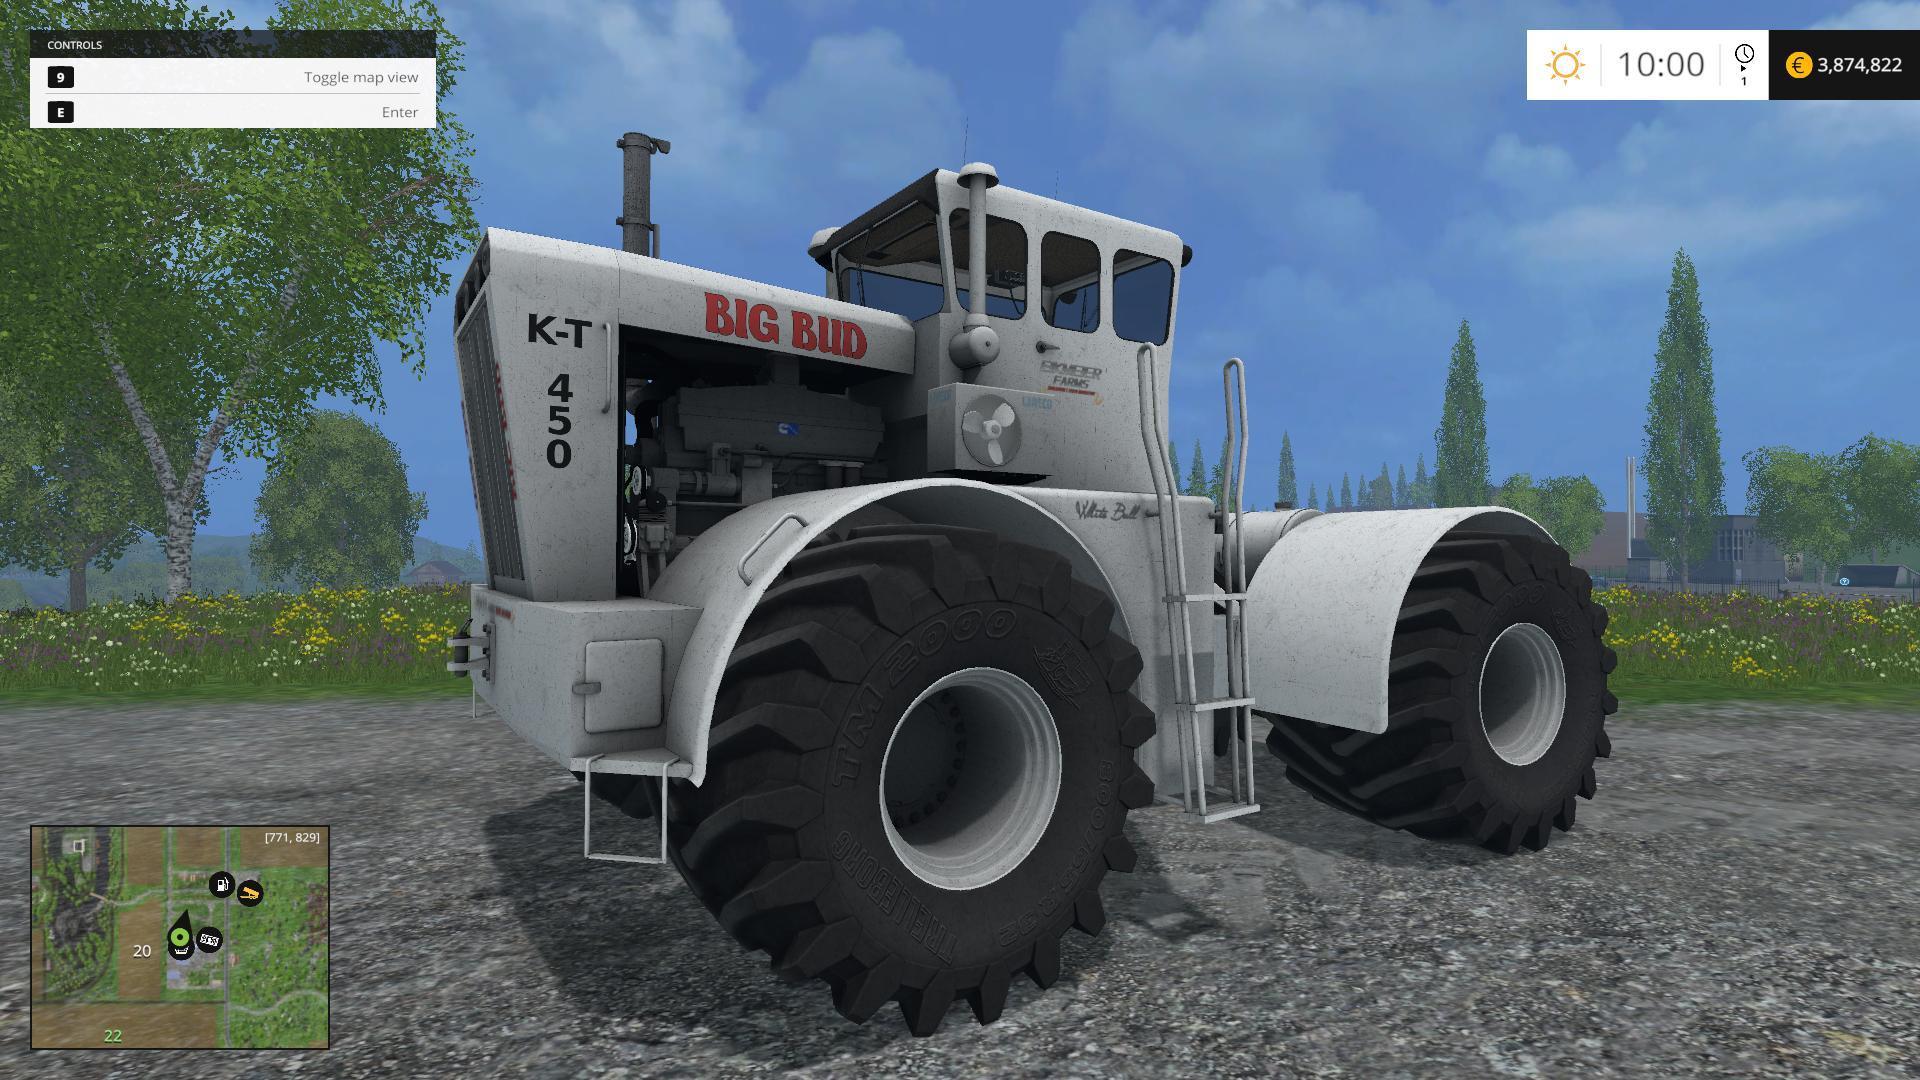 Big Bud KT 450 v2.0 - Modhub.us